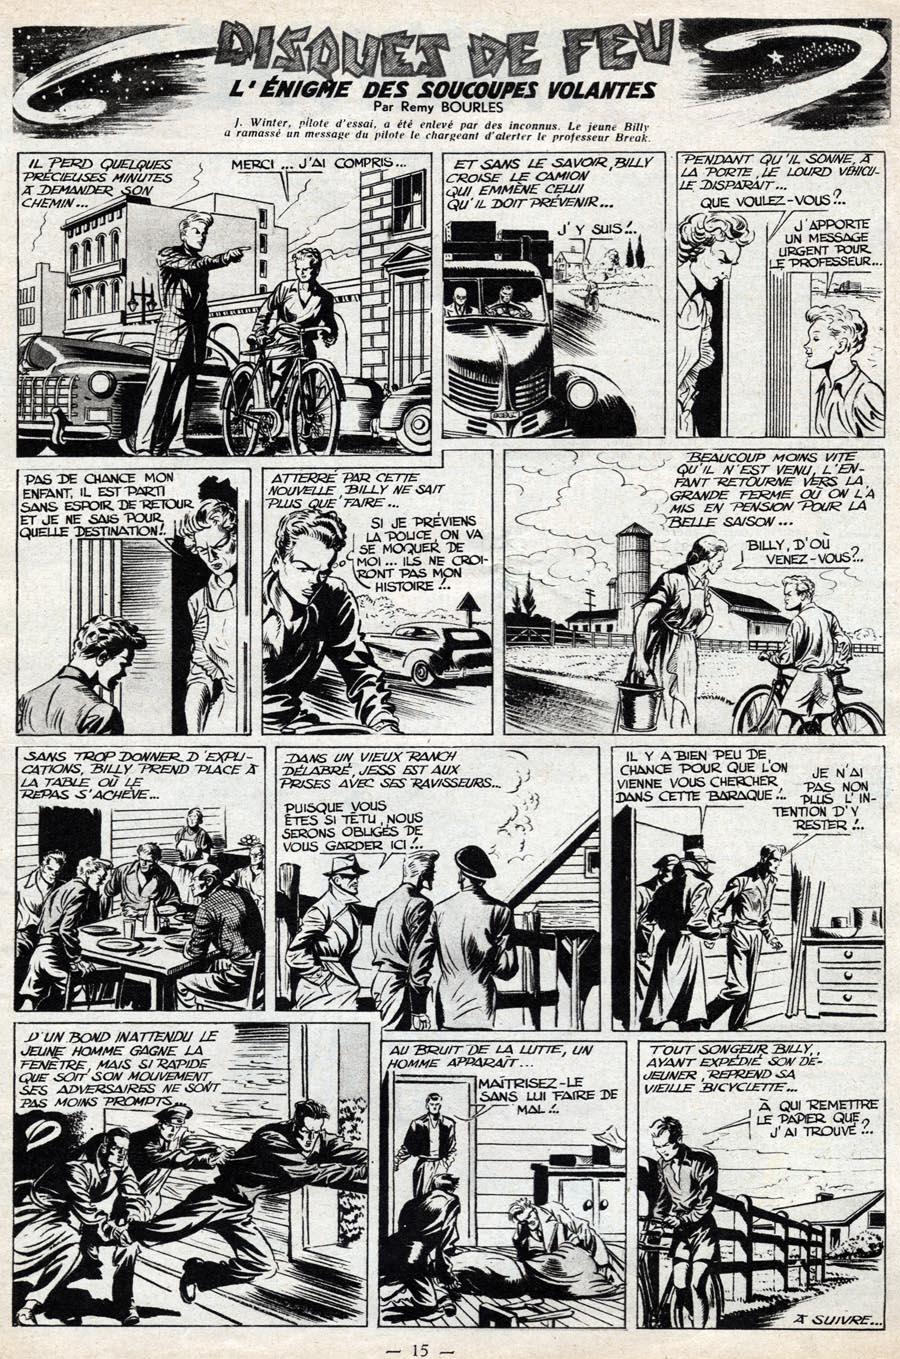 Le come-back de l'image mystère (2ème partie) - Page 19 Dfimg10